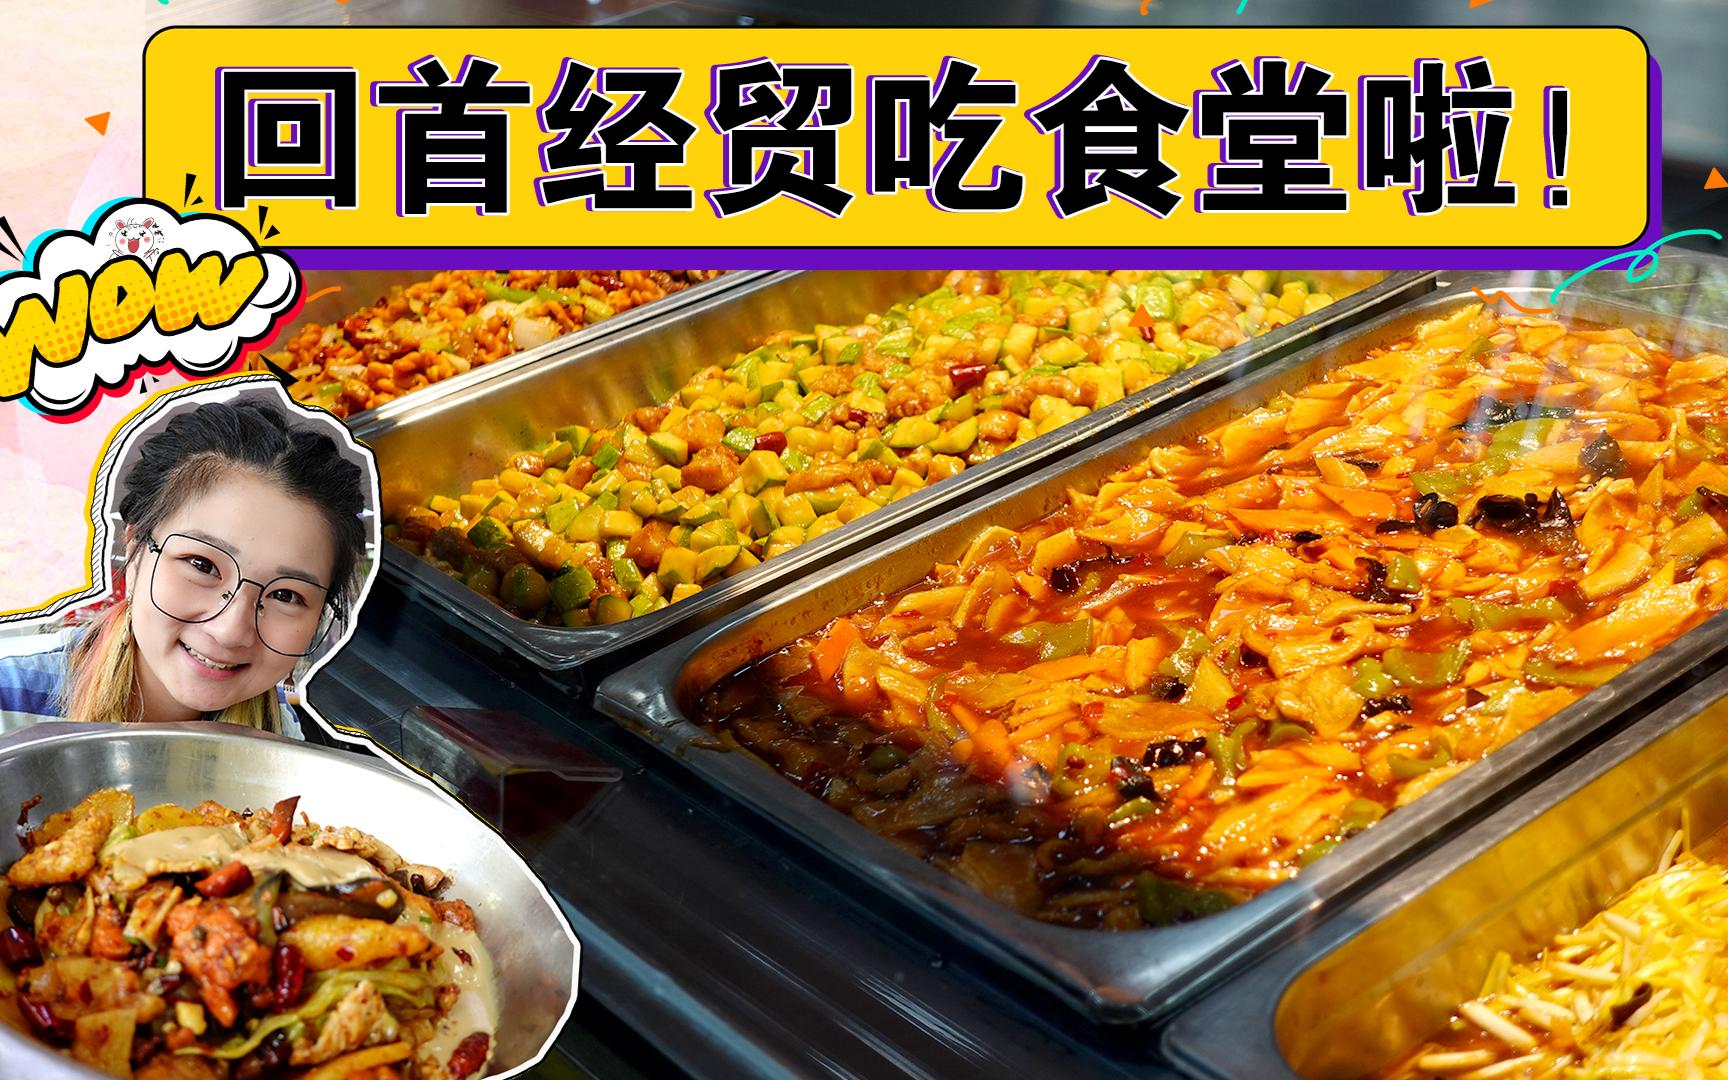 【逛吃北京】回首经贸吃食堂!二层香锅yyds!麻辣麻酱拌饭!